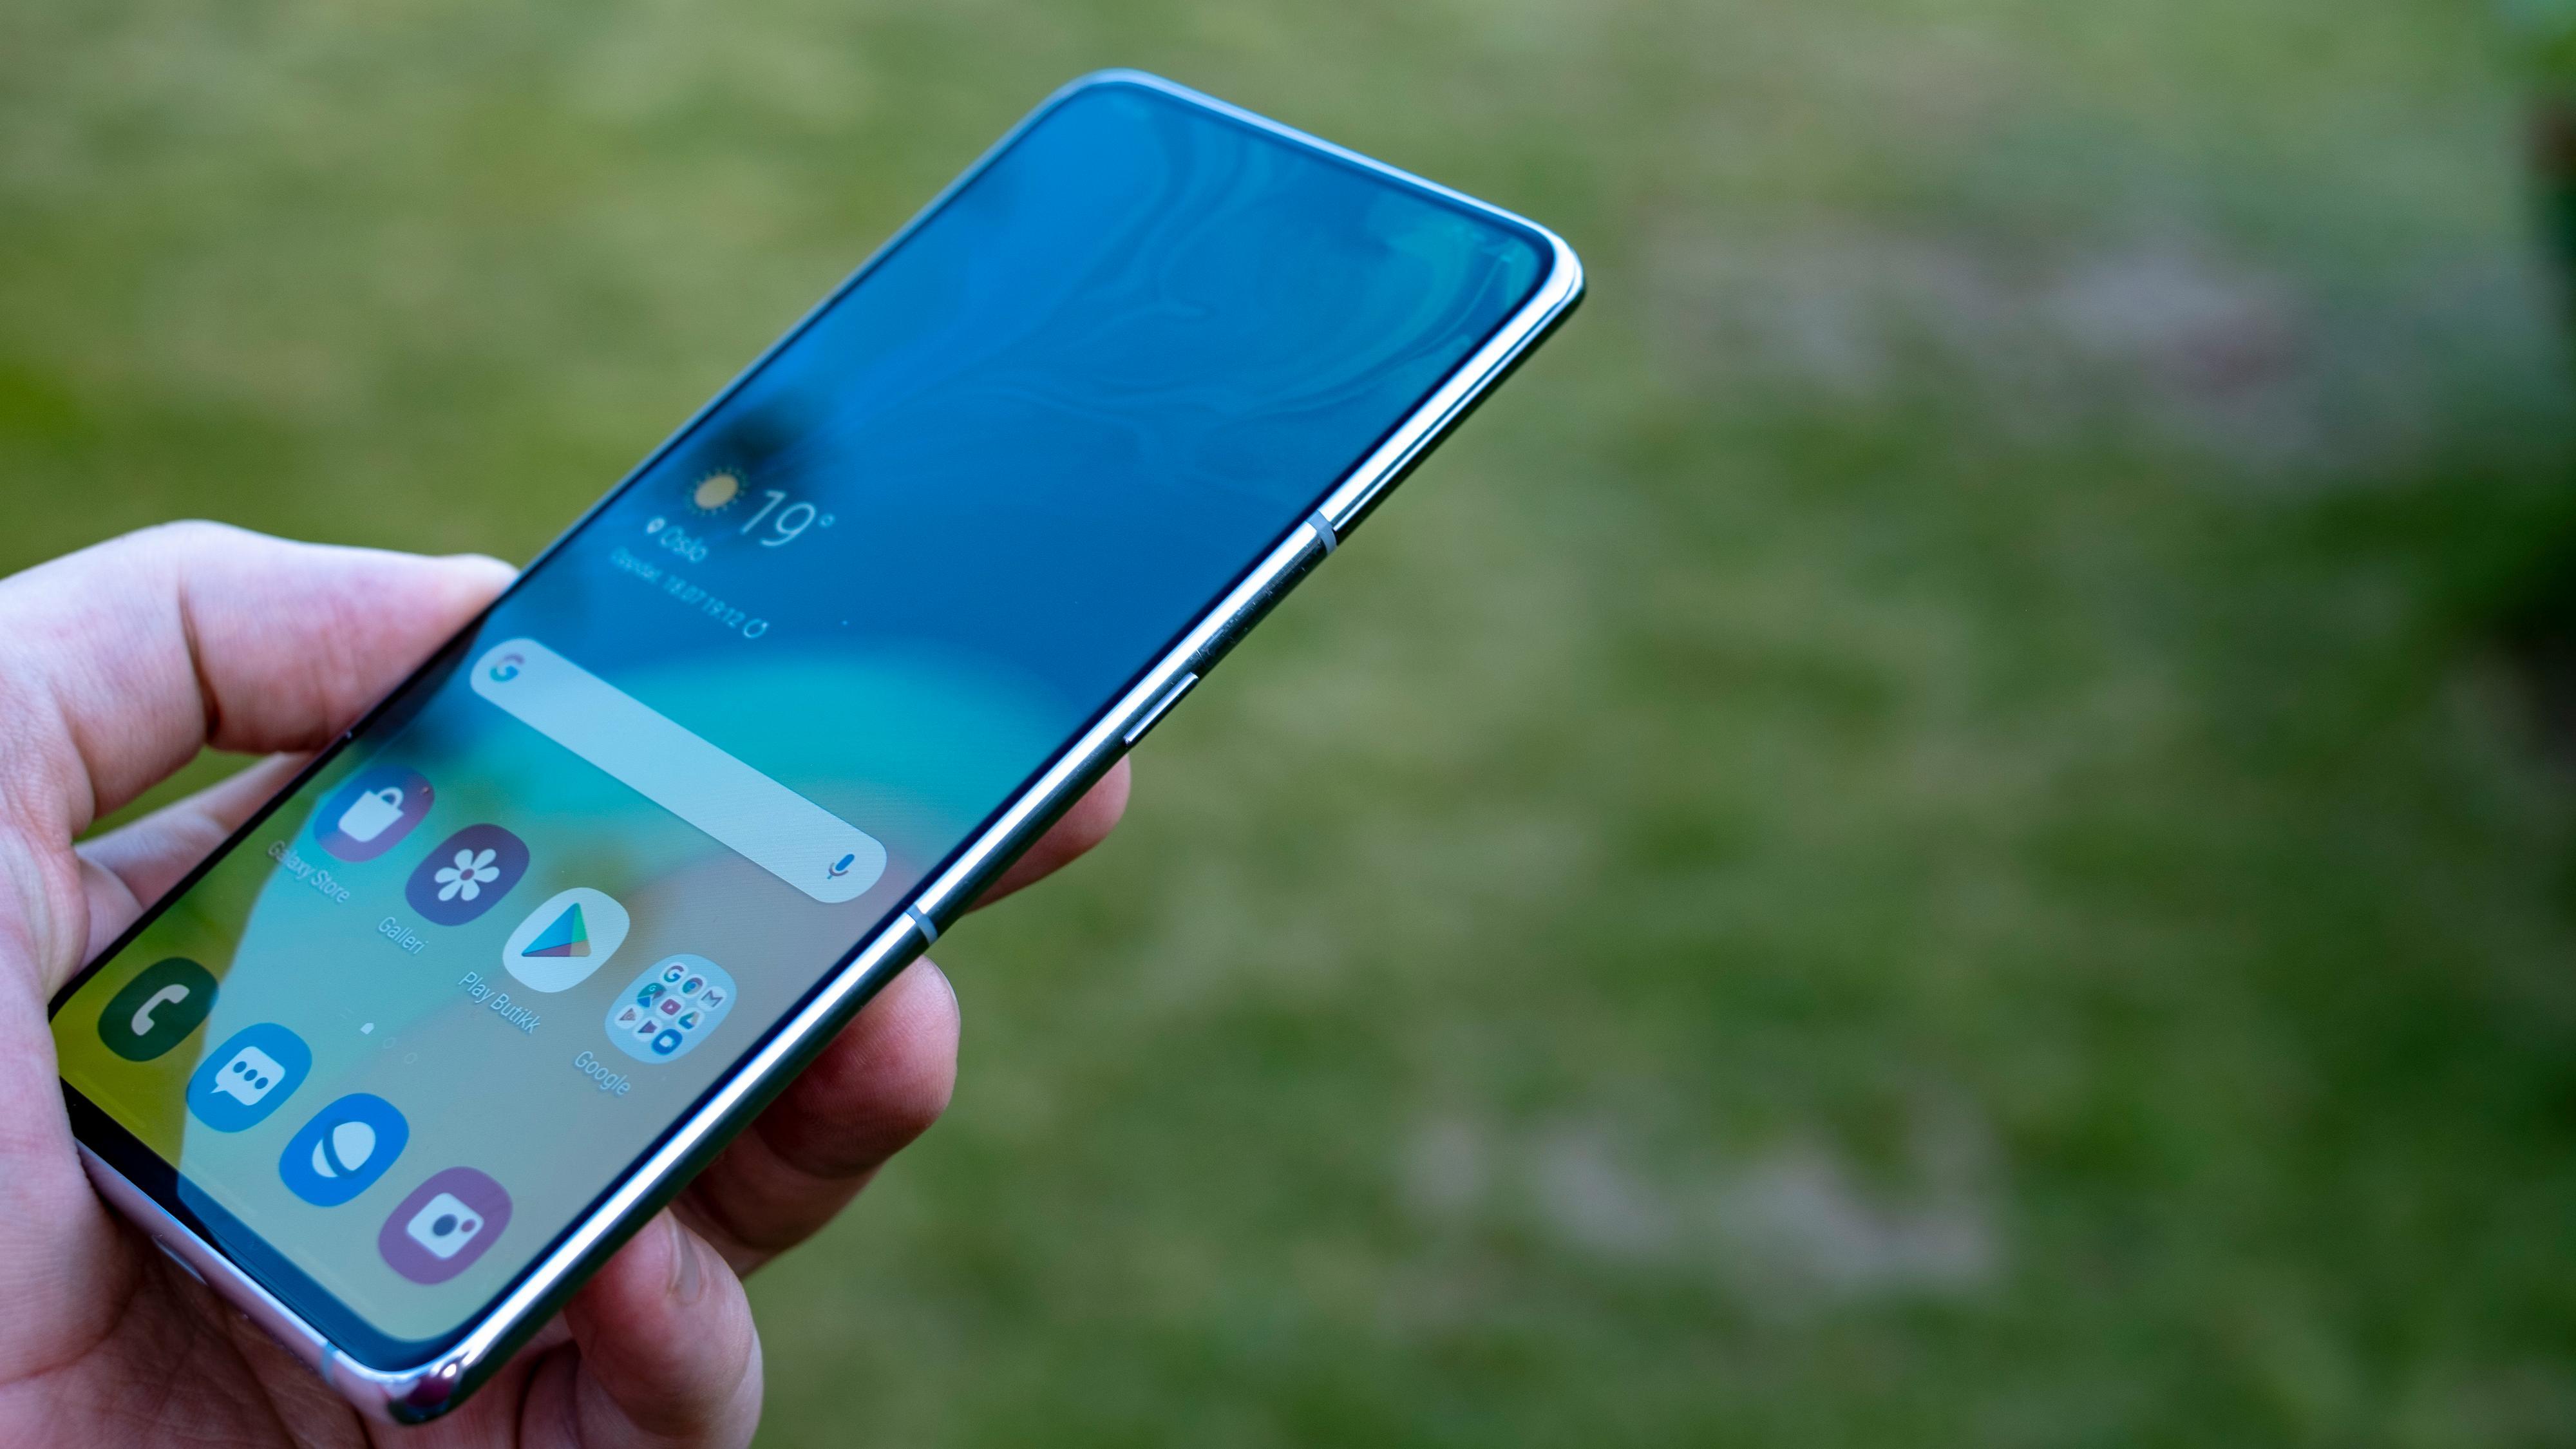 Samsungs One UI-menyer er laget for énhåndsbruk selv når mobilene blir ganske store. Mange av de viktigste menyelementene er flyttet ned på skjermen.